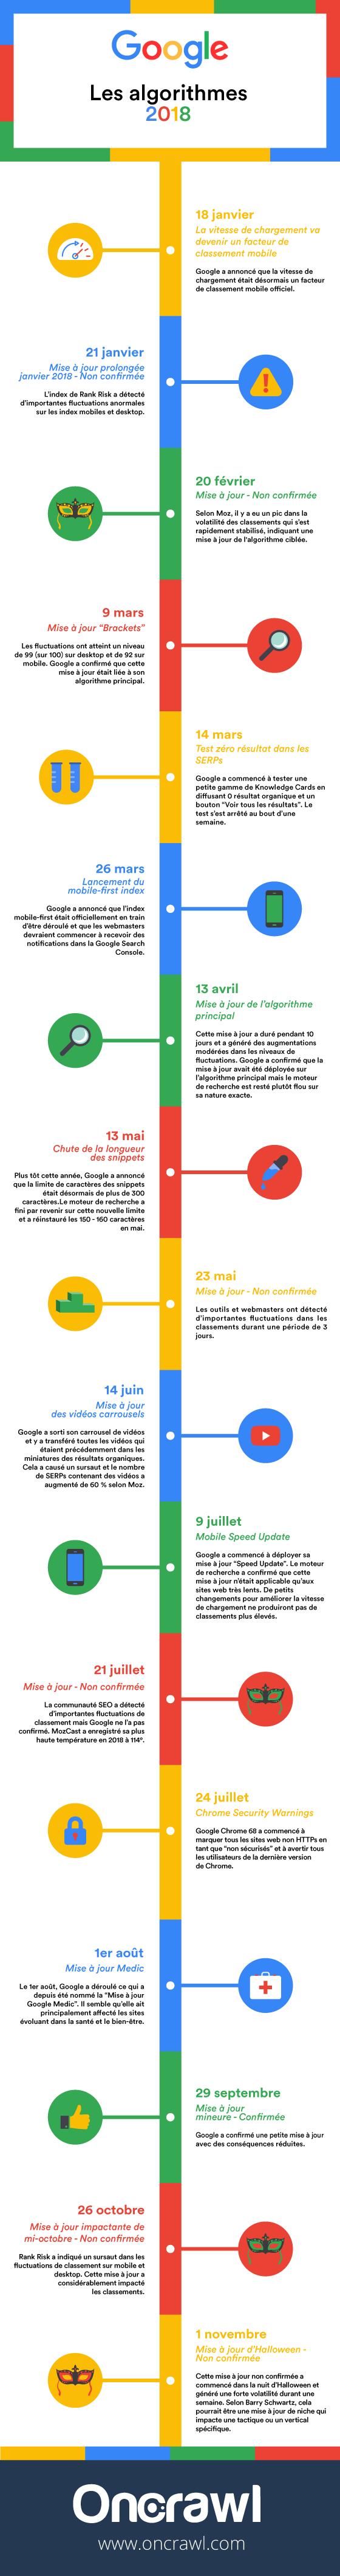 L'évolution de l'algorithme de Google en  2018